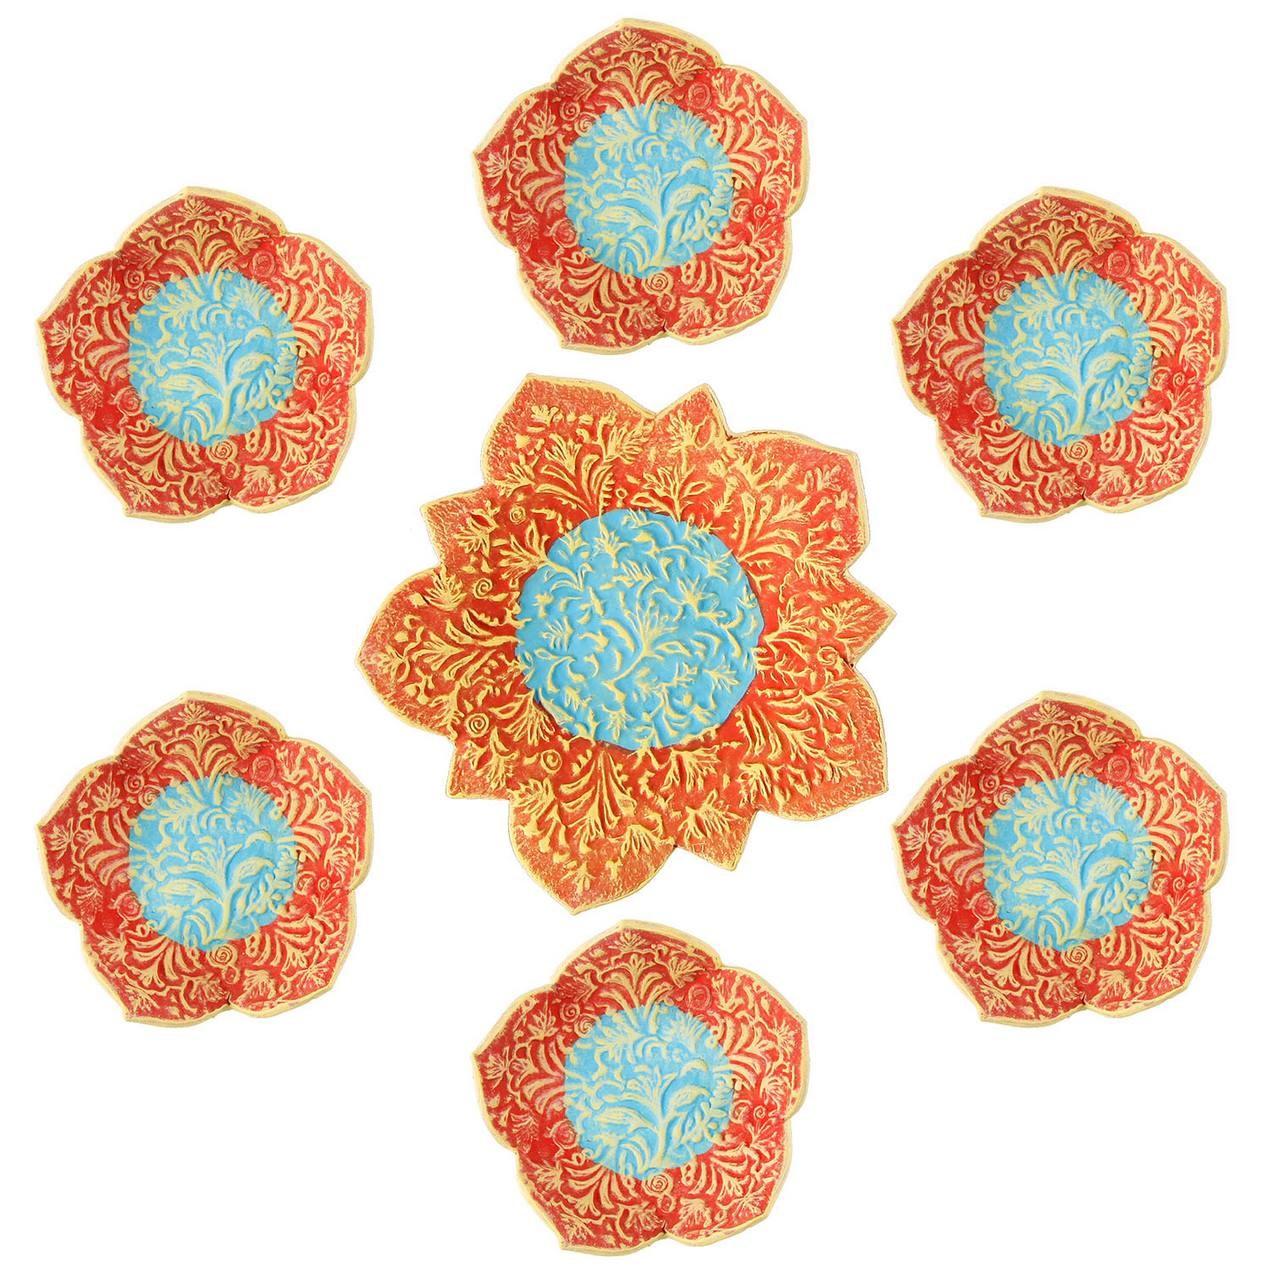 عکس مجموعه ظروف هفت سین سفالی گالری آسوریک کد 86102